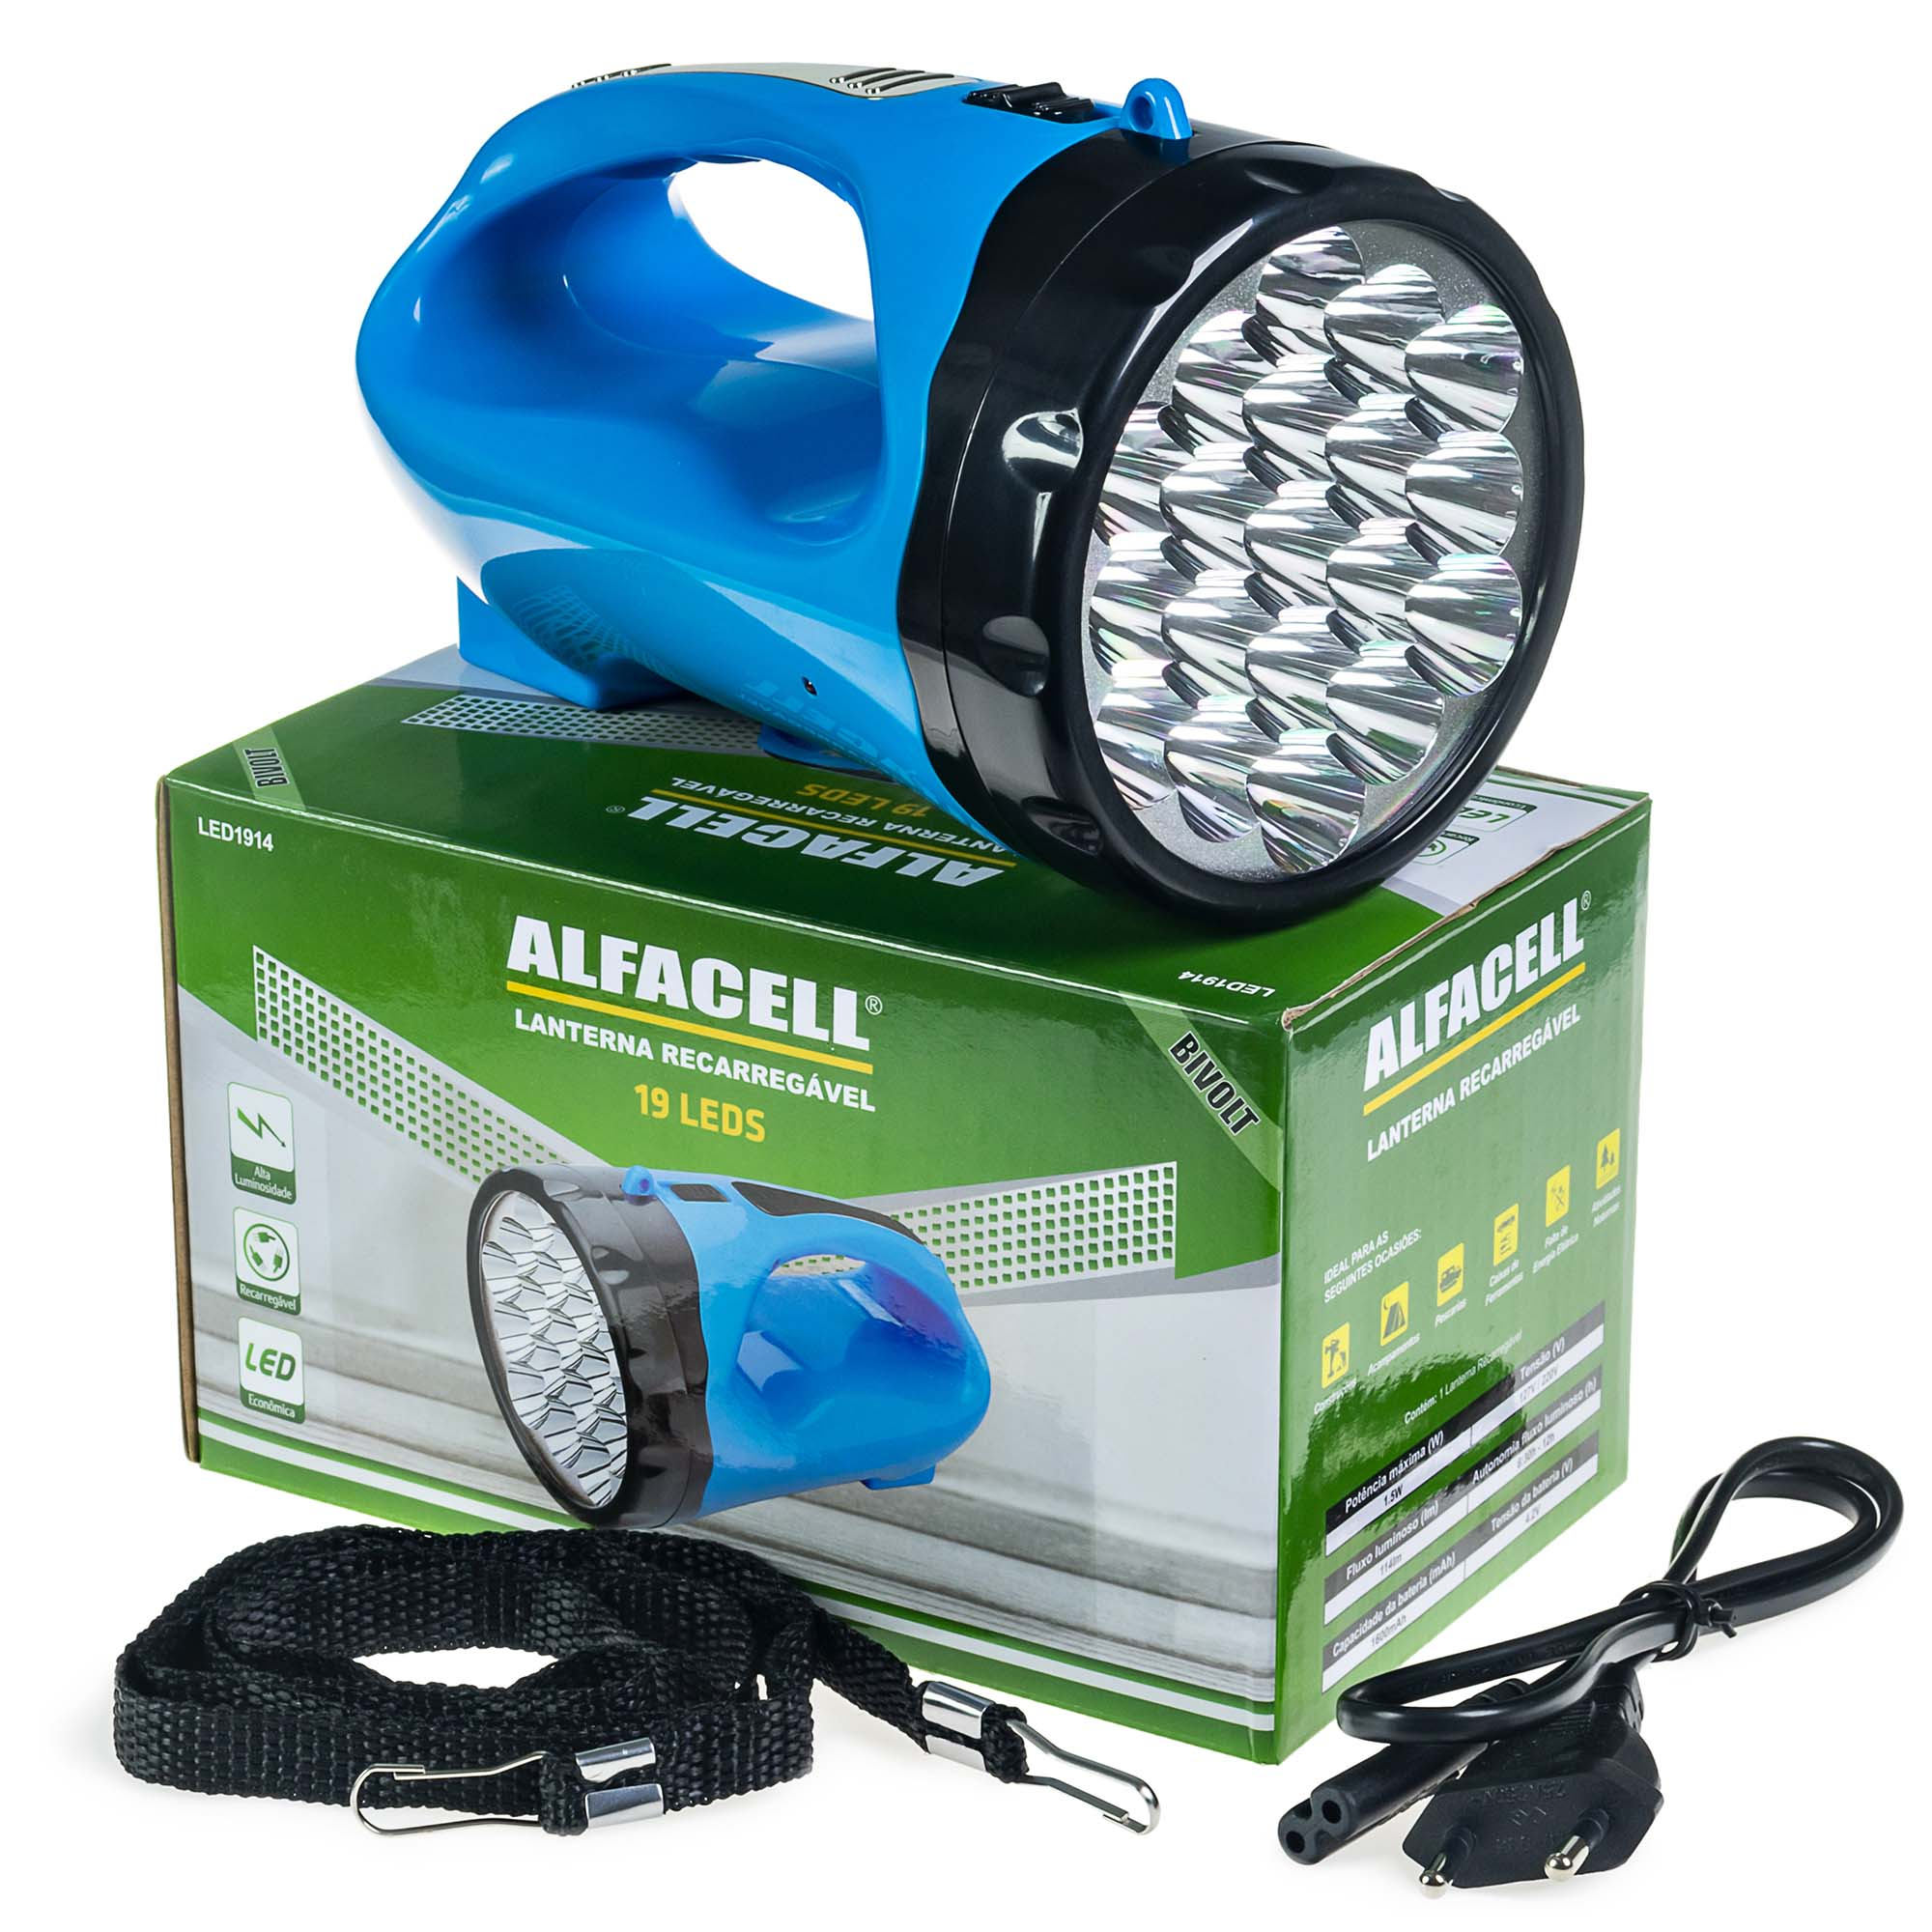 Lanterna Recarregável 19 Leds Bivolt - Alfacell